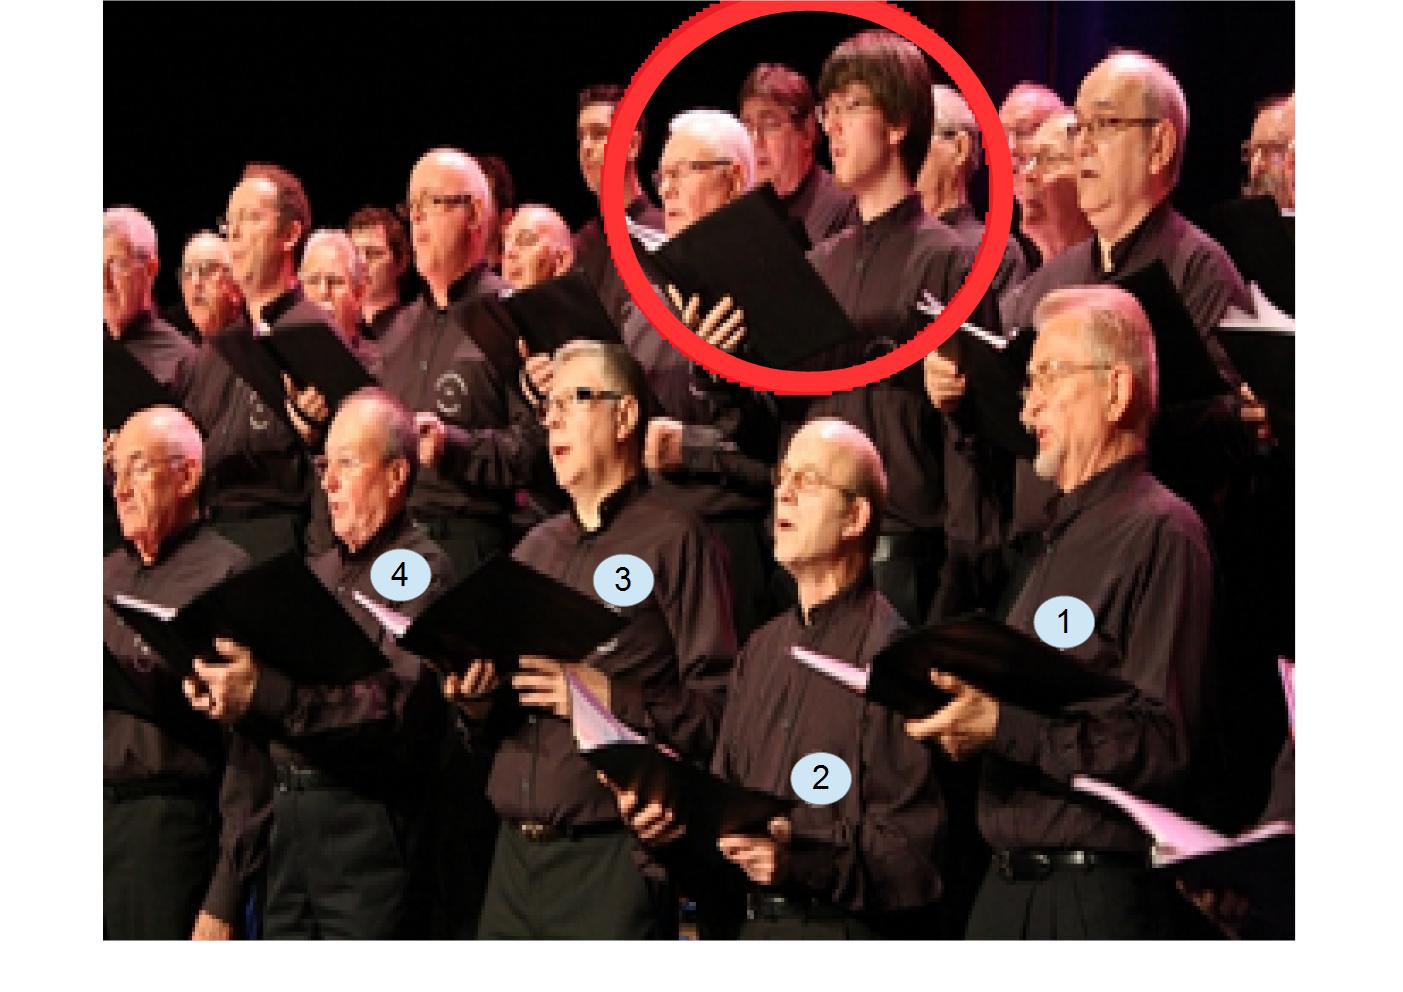 Panel de postures chez des choristes. Seul le choriste encerclé de  rouge optimise son instrument vocal.